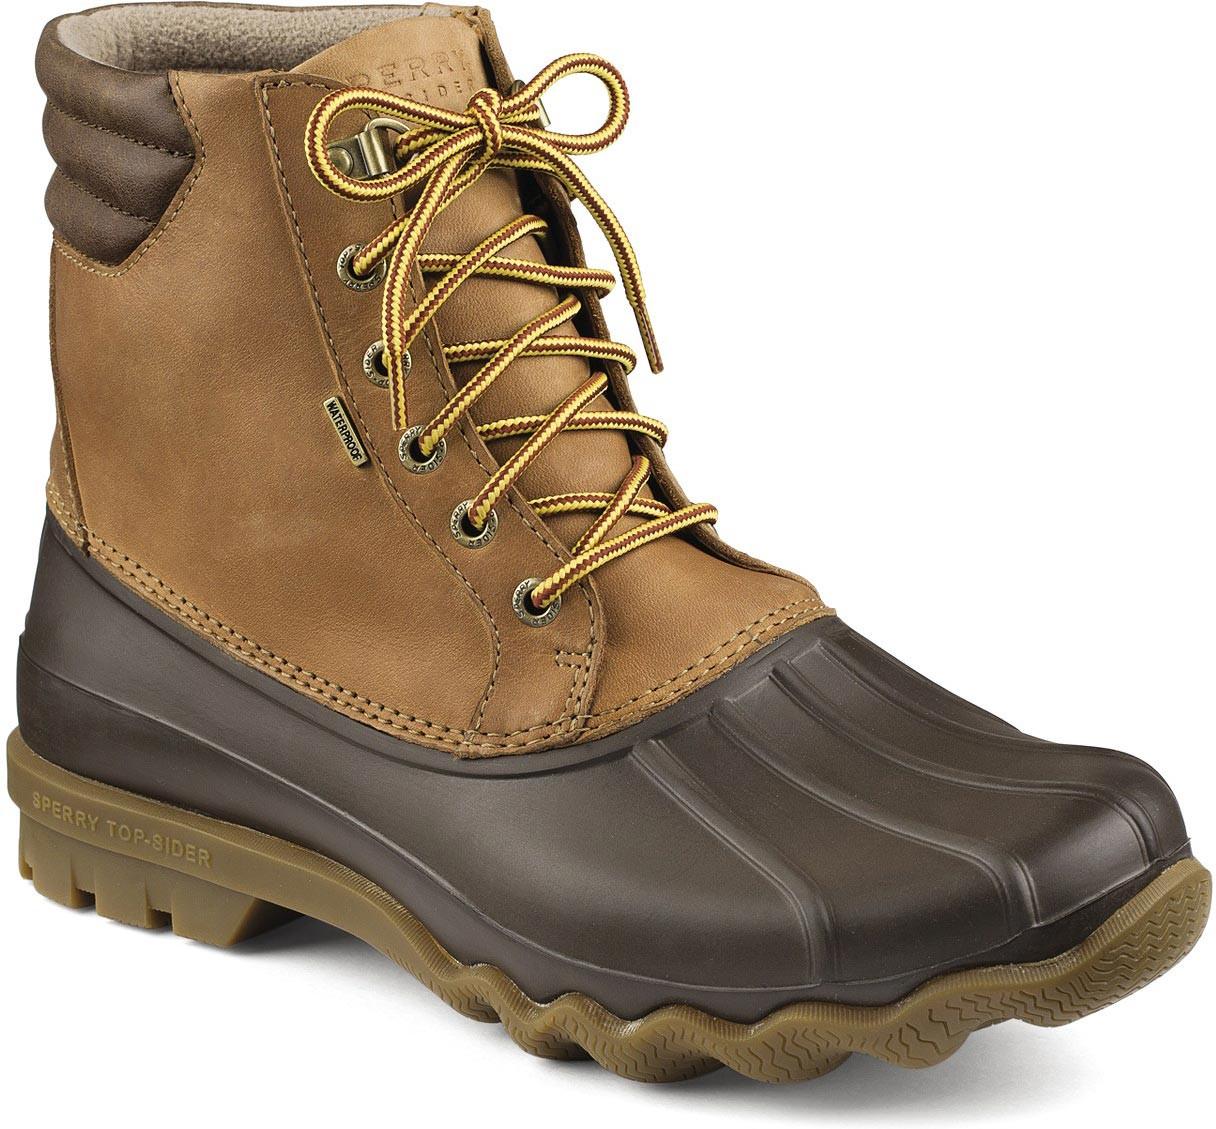 Sperry Top-Sider Men's Avenue Duck Boot